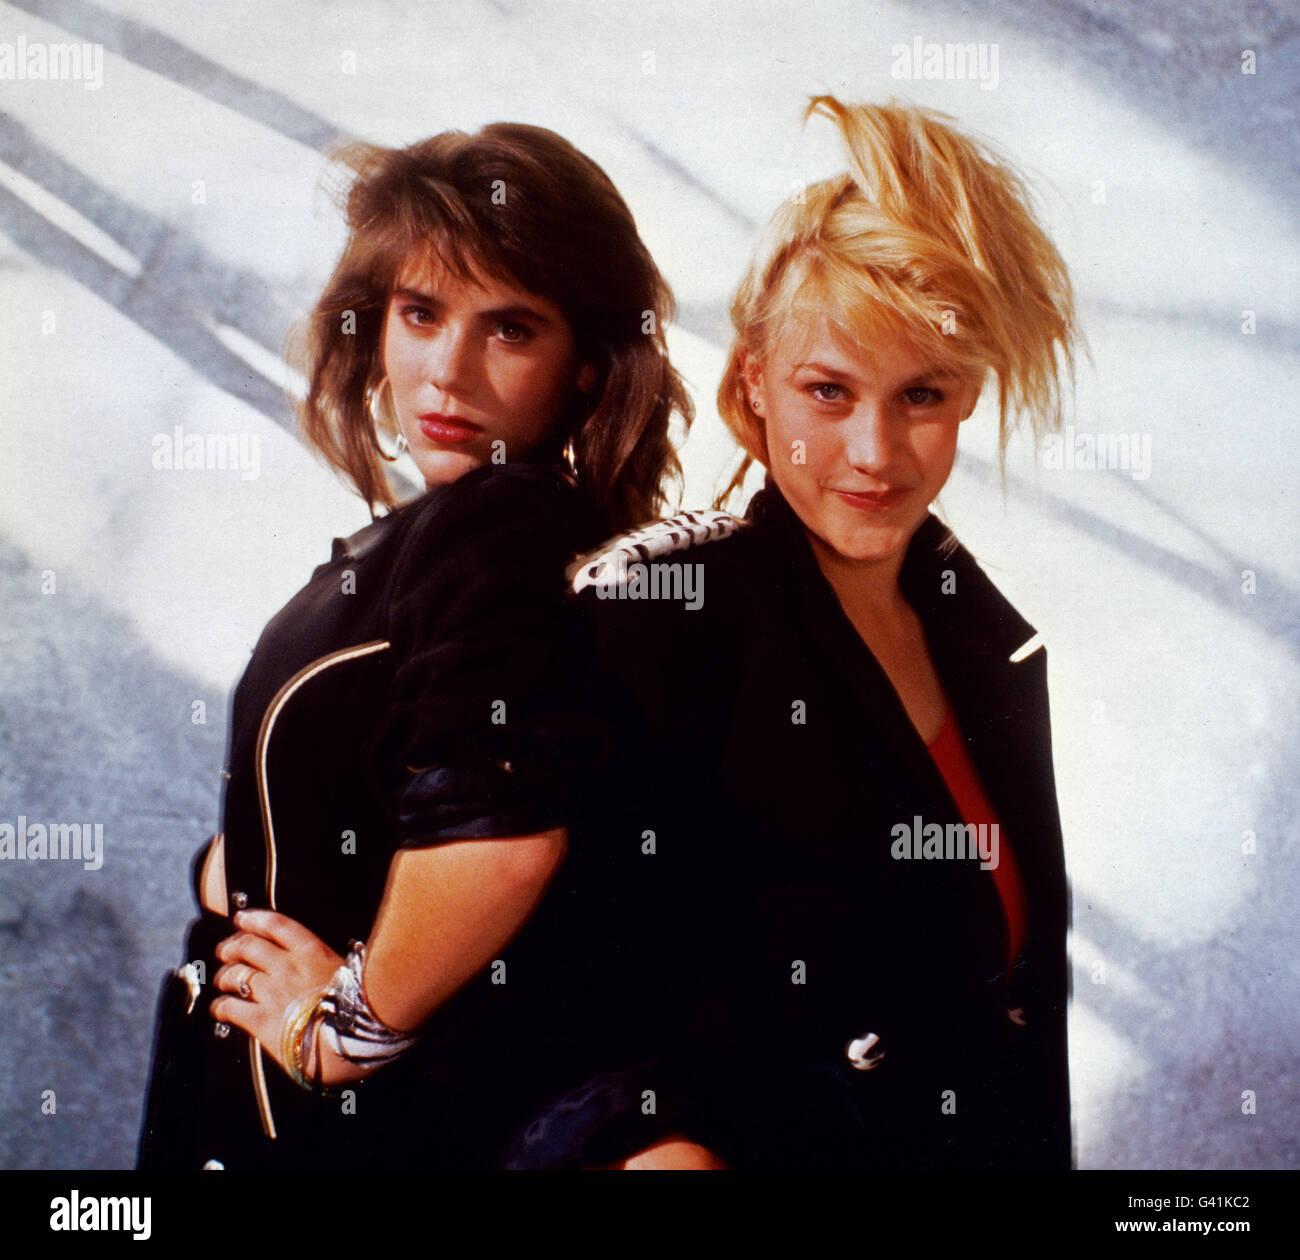 Ziemlich clever, aka: sterben Bikini Einfällen, USA 1987, Regie: Dimitri Logothesis, Monia: Trisha Leigh Fisher Stockbild